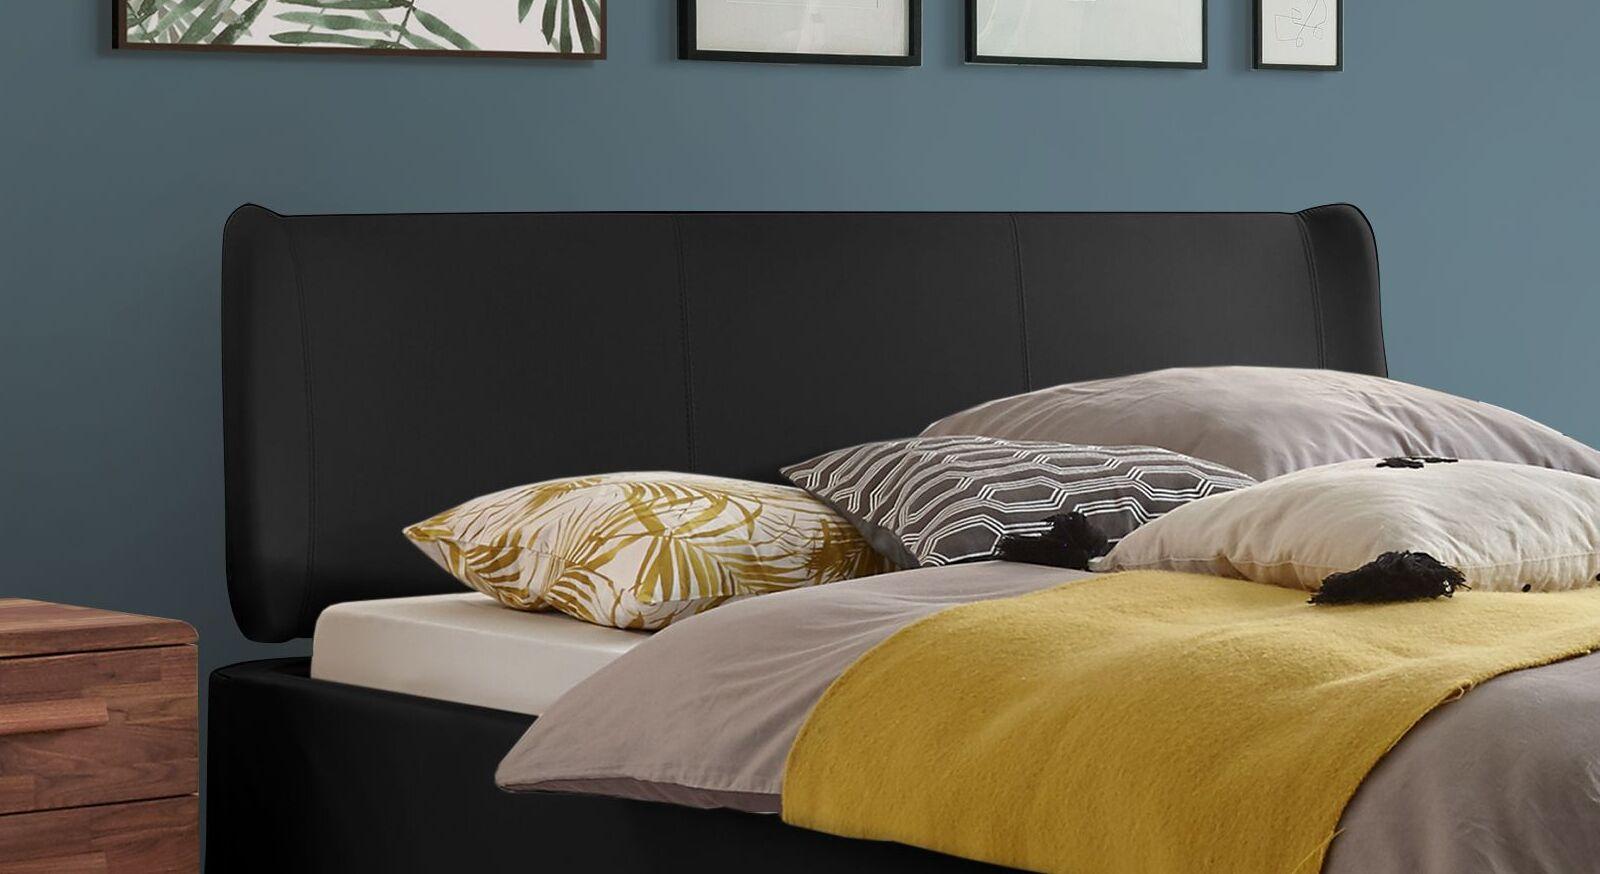 Bett Malea mit Kopfteil im Retro-Stil